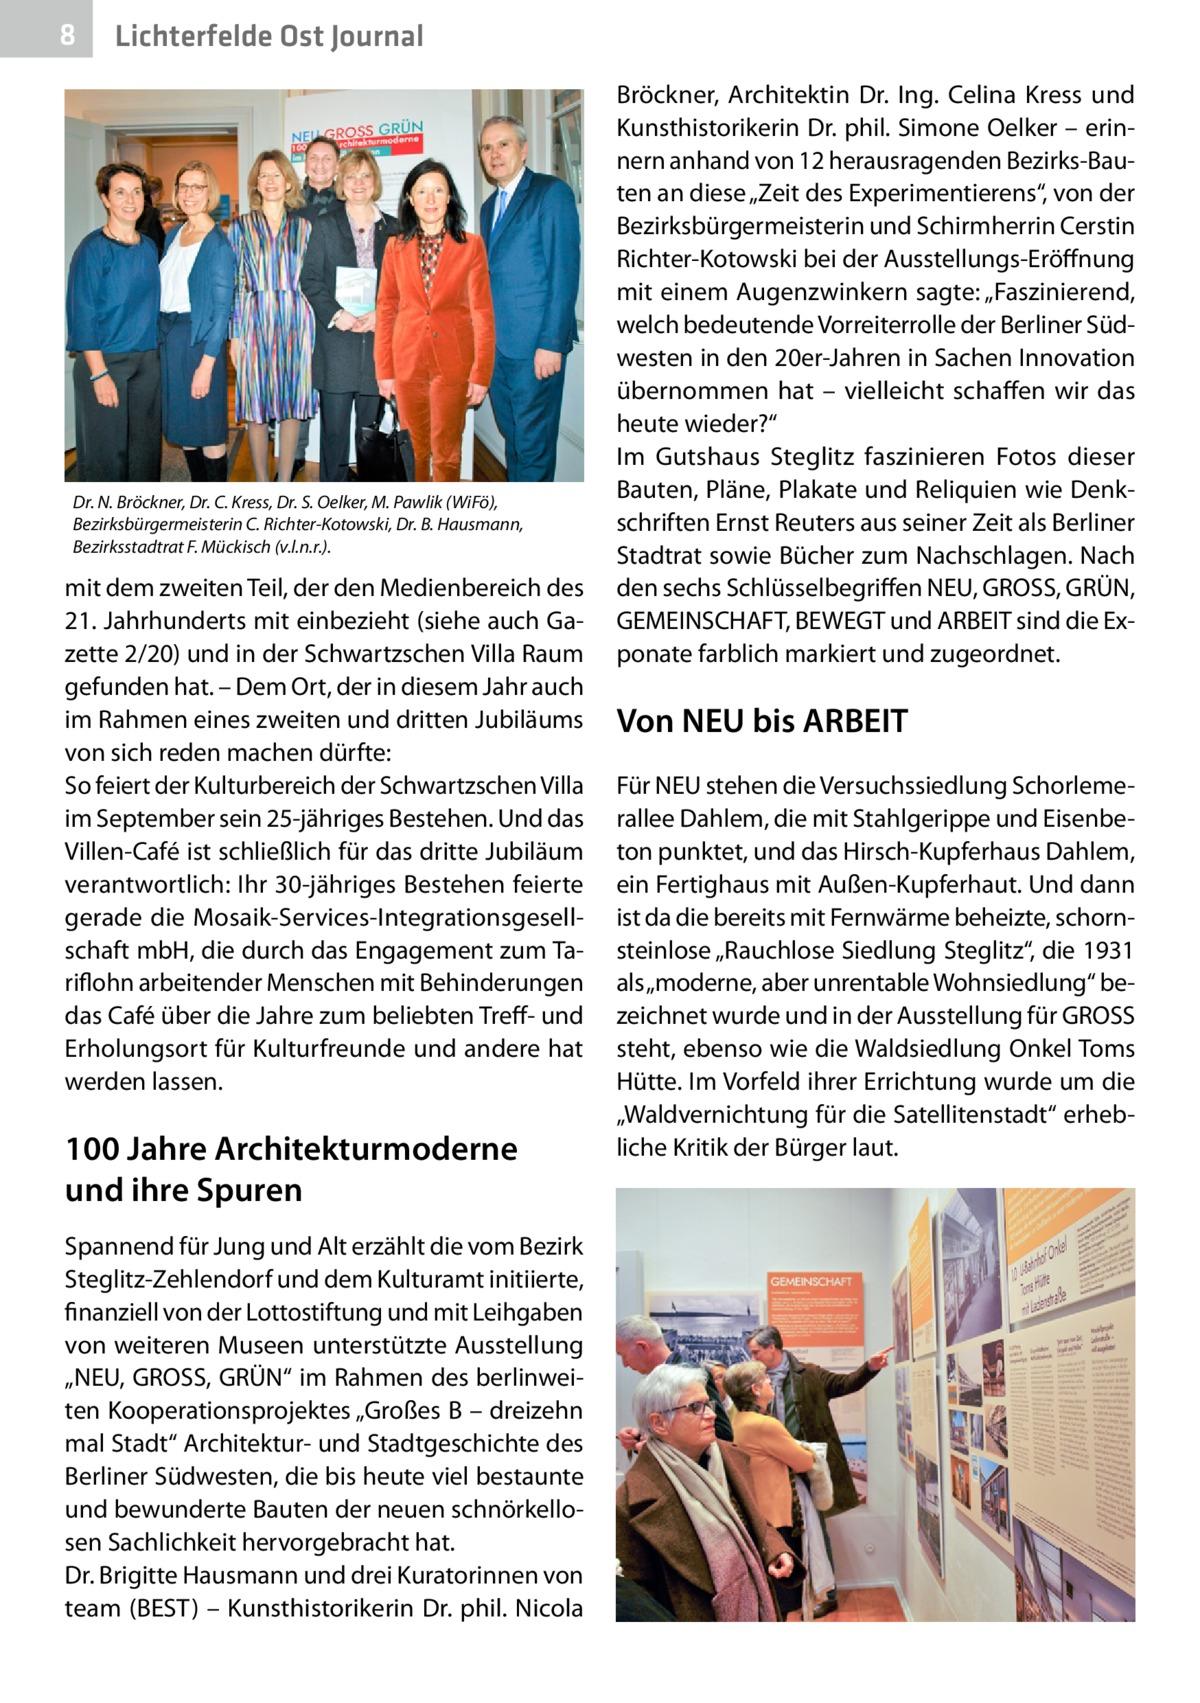 """8  Lichterfelde Ost Journal  Dr.N. Bröckner, Dr.C. Kress, Dr.S. Oelker, M. Pawlik (WiFö), Bezirksbürgermeisterin C. Richter-Kotowski, Dr.B. Hausmann, Bezirksstadtrat F. Mückisch (v.l.n.r.).  mit dem zweiten Teil, der den Medienbereich des 21.Jahrhunderts mit einbezieht (siehe auch Gazette 2/20) und in der Schwartzschen Villa Raum gefunden hat. – Dem Ort, der in diesem Jahr auch im Rahmen eines zweiten und dritten Jubiläums von sich reden machen dürfte: So feiert der Kulturbereich der Schwartzschen Villa im September sein 25-jähriges Bestehen. Und das Villen-Café ist schließlich für das dritte Jubiläum verantwortlich: Ihr 30-jähriges Bestehen feierte gerade die Mosaik-Services-Integrationsgesellschaft mbH, die durch das Engagement zum Tariflohn arbeitender Menschen mit Behinderungen das Café über die Jahre zum beliebten Treff- und Erholungsort für Kulturfreunde und andere hat werden lassen.  100Jahre Architekturmoderne und ihre Spuren Spannend für Jung und Alt erzählt die vom Bezirk Steglitz-Zehlendorf und dem Kulturamt initiierte, finanziell von der Lottostiftung und mit Leihgaben von weiteren Museen unterstützte Ausstellung """"NEU, GROSS, GRÜN"""" im Rahmen des berlinweiten Kooperationsprojektes """"GroßesB – dreizehn mal Stadt"""" Architektur- und Stadtgeschichte des Berliner Südwesten, die bis heute viel bestaunte und bewunderte Bauten der neuen schnörkellosen Sachlichkeit hervorgebracht hat. Dr.Brigitte Hausmann und drei Kuratorinnen von team (BEST) – Kunsthistorikerin Dr. phil. Nicola  Bröckner, Architektin Dr. Ing. Celina Kress und Kunsthistorikerin Dr. phil. Simone Oelker – erinnern anhand von 12 herausragenden Bezirks-Bauten an diese """"Zeit des Experimentierens"""", von der Bezirksbürgermeisterin und Schirmherrin Cerstin Richter-Kotowski bei der Ausstellungs-Eröffnung mit einem Augenzwinkern sagte: """"Faszinierend, welch bedeutende Vorreiterrolle der Berliner Südwesten in den 20er-Jahren in Sachen Innovation übernommen hat – vielleicht schaffen wir das heute wieder?"""" Im Guts"""